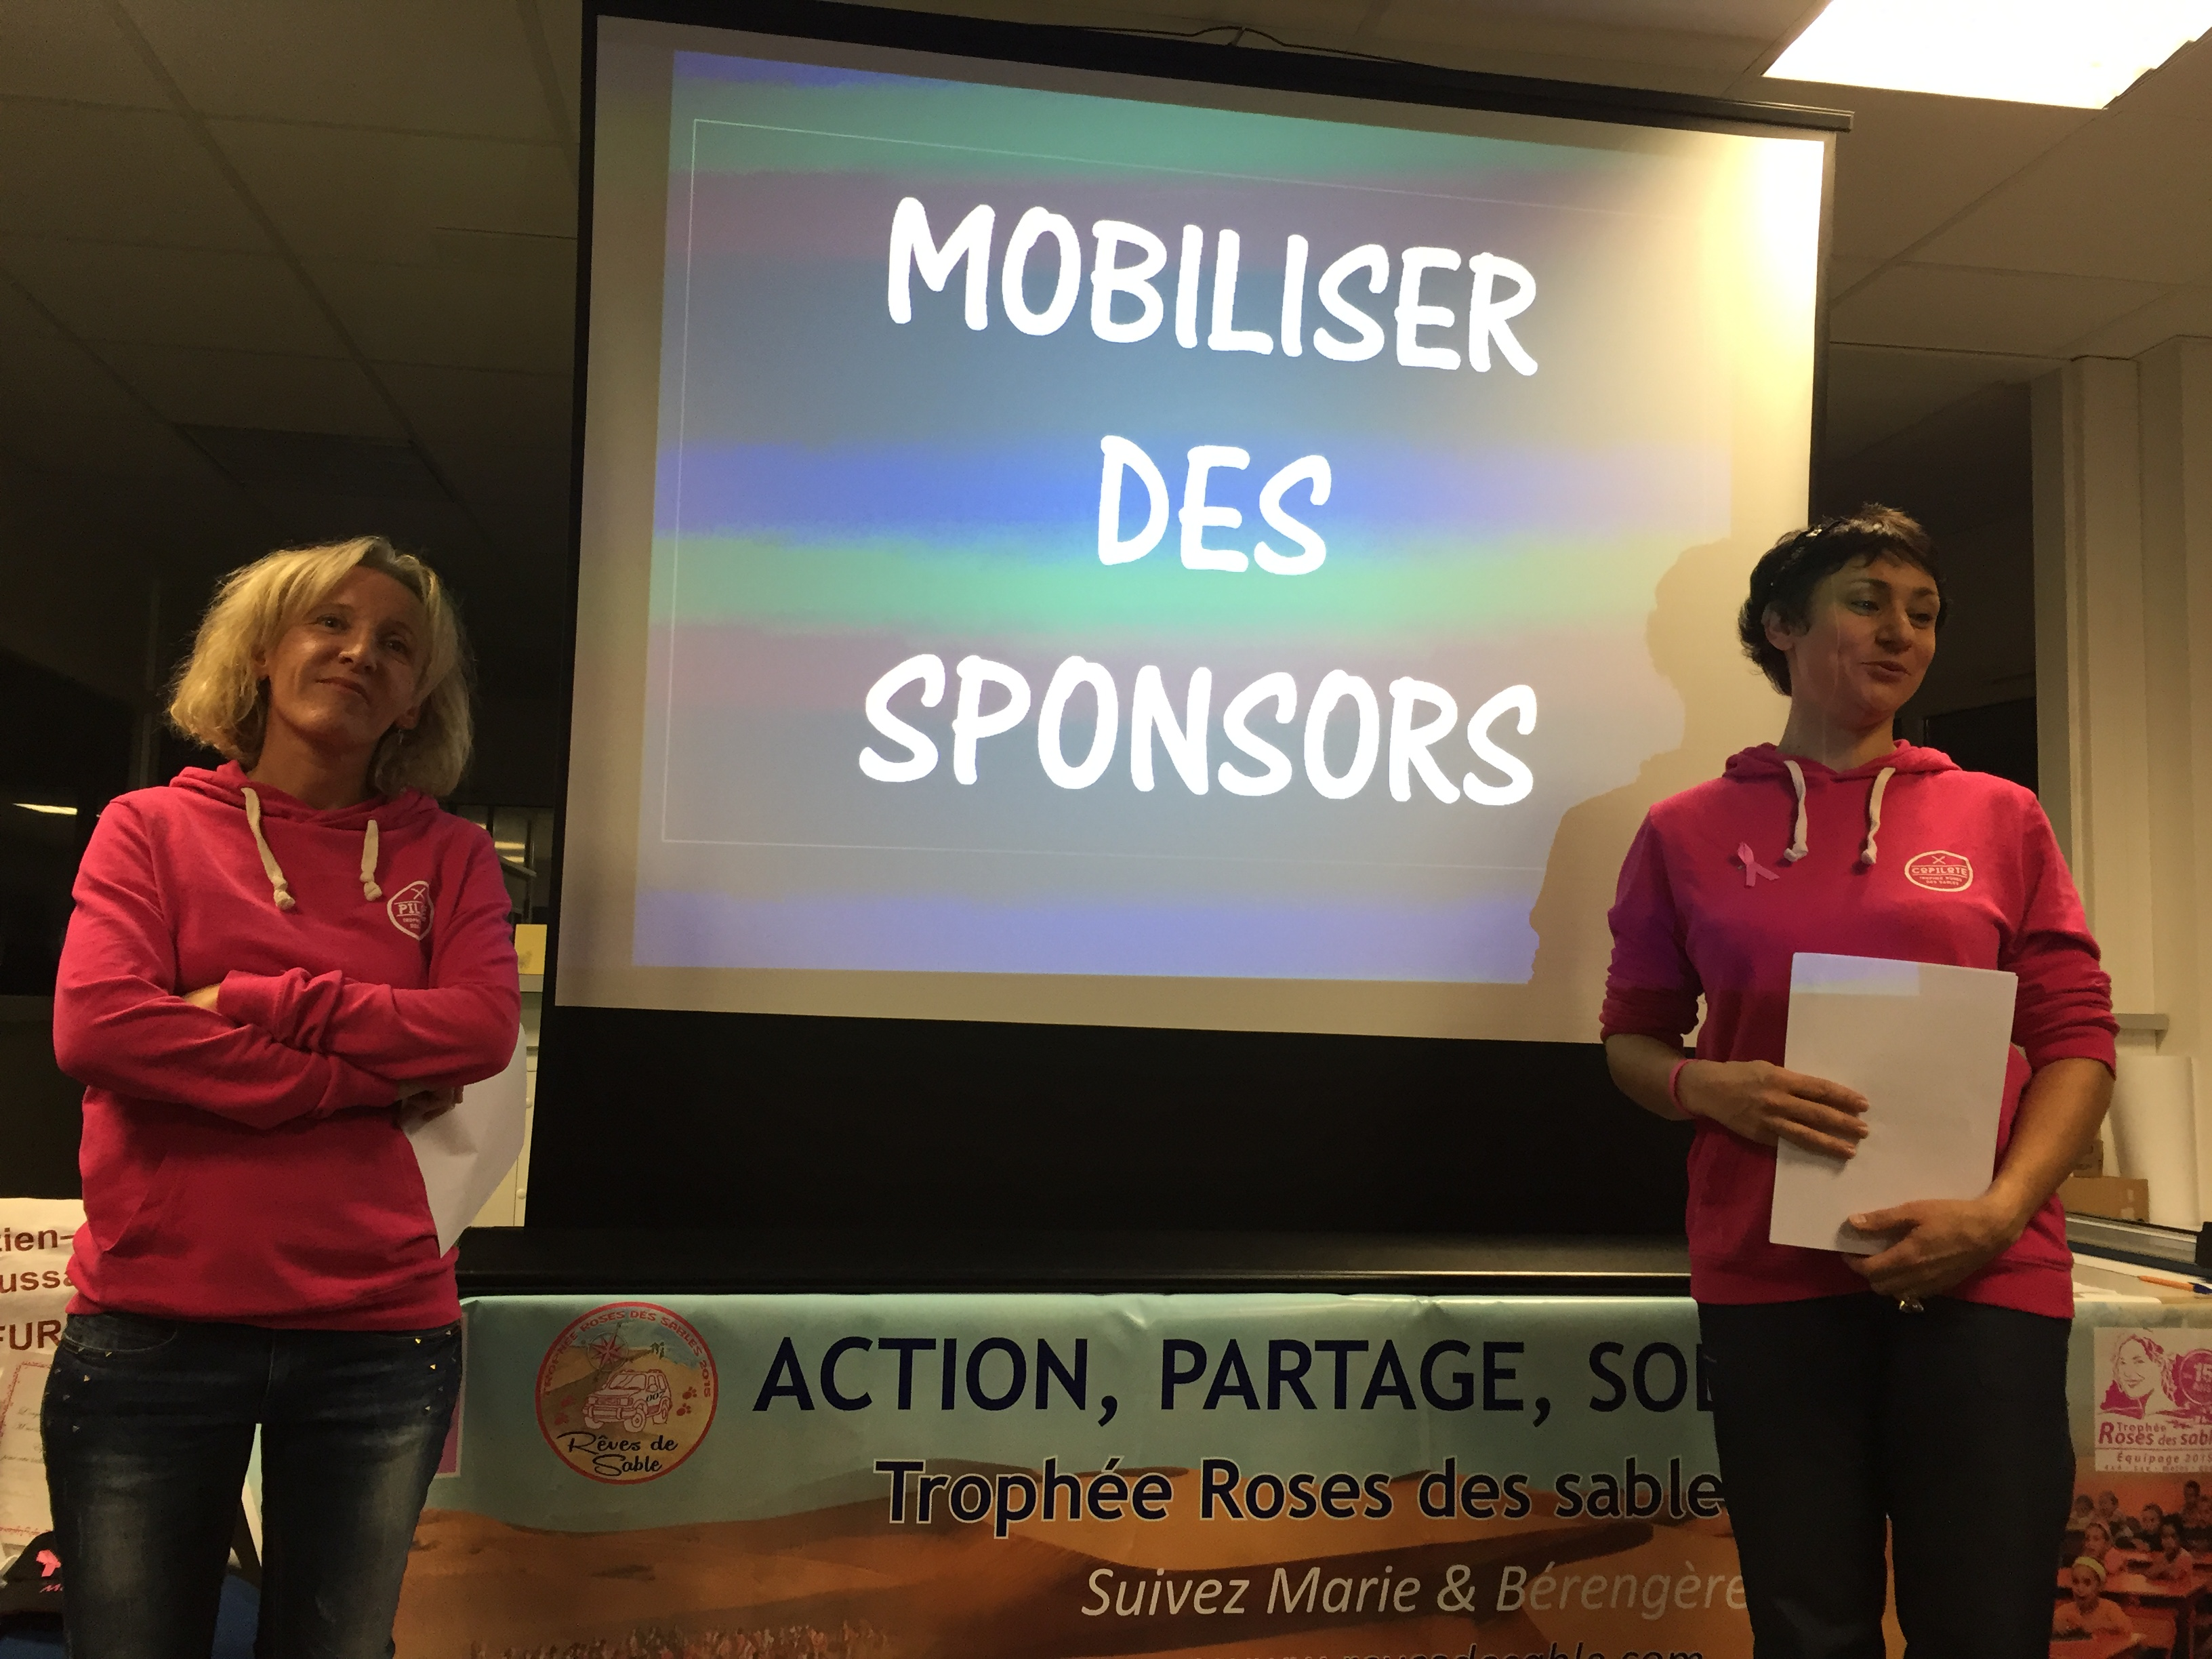 Mobiliser des sponsors : le bel exemple de l'équipe Rêves de sables